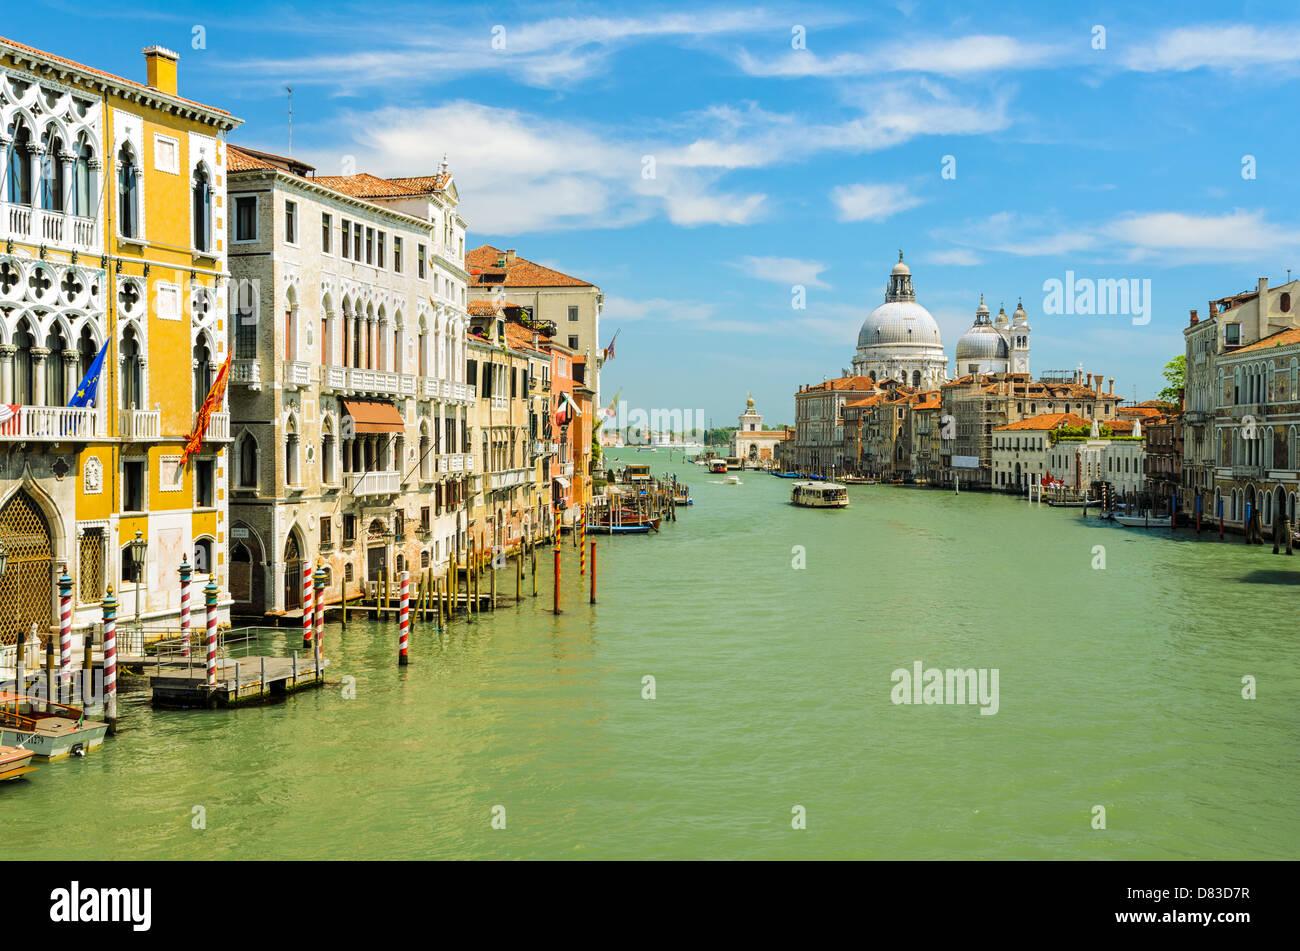 Grand Canal view towards the Basilica Santa Maria della Salute, Venice - Stock Image